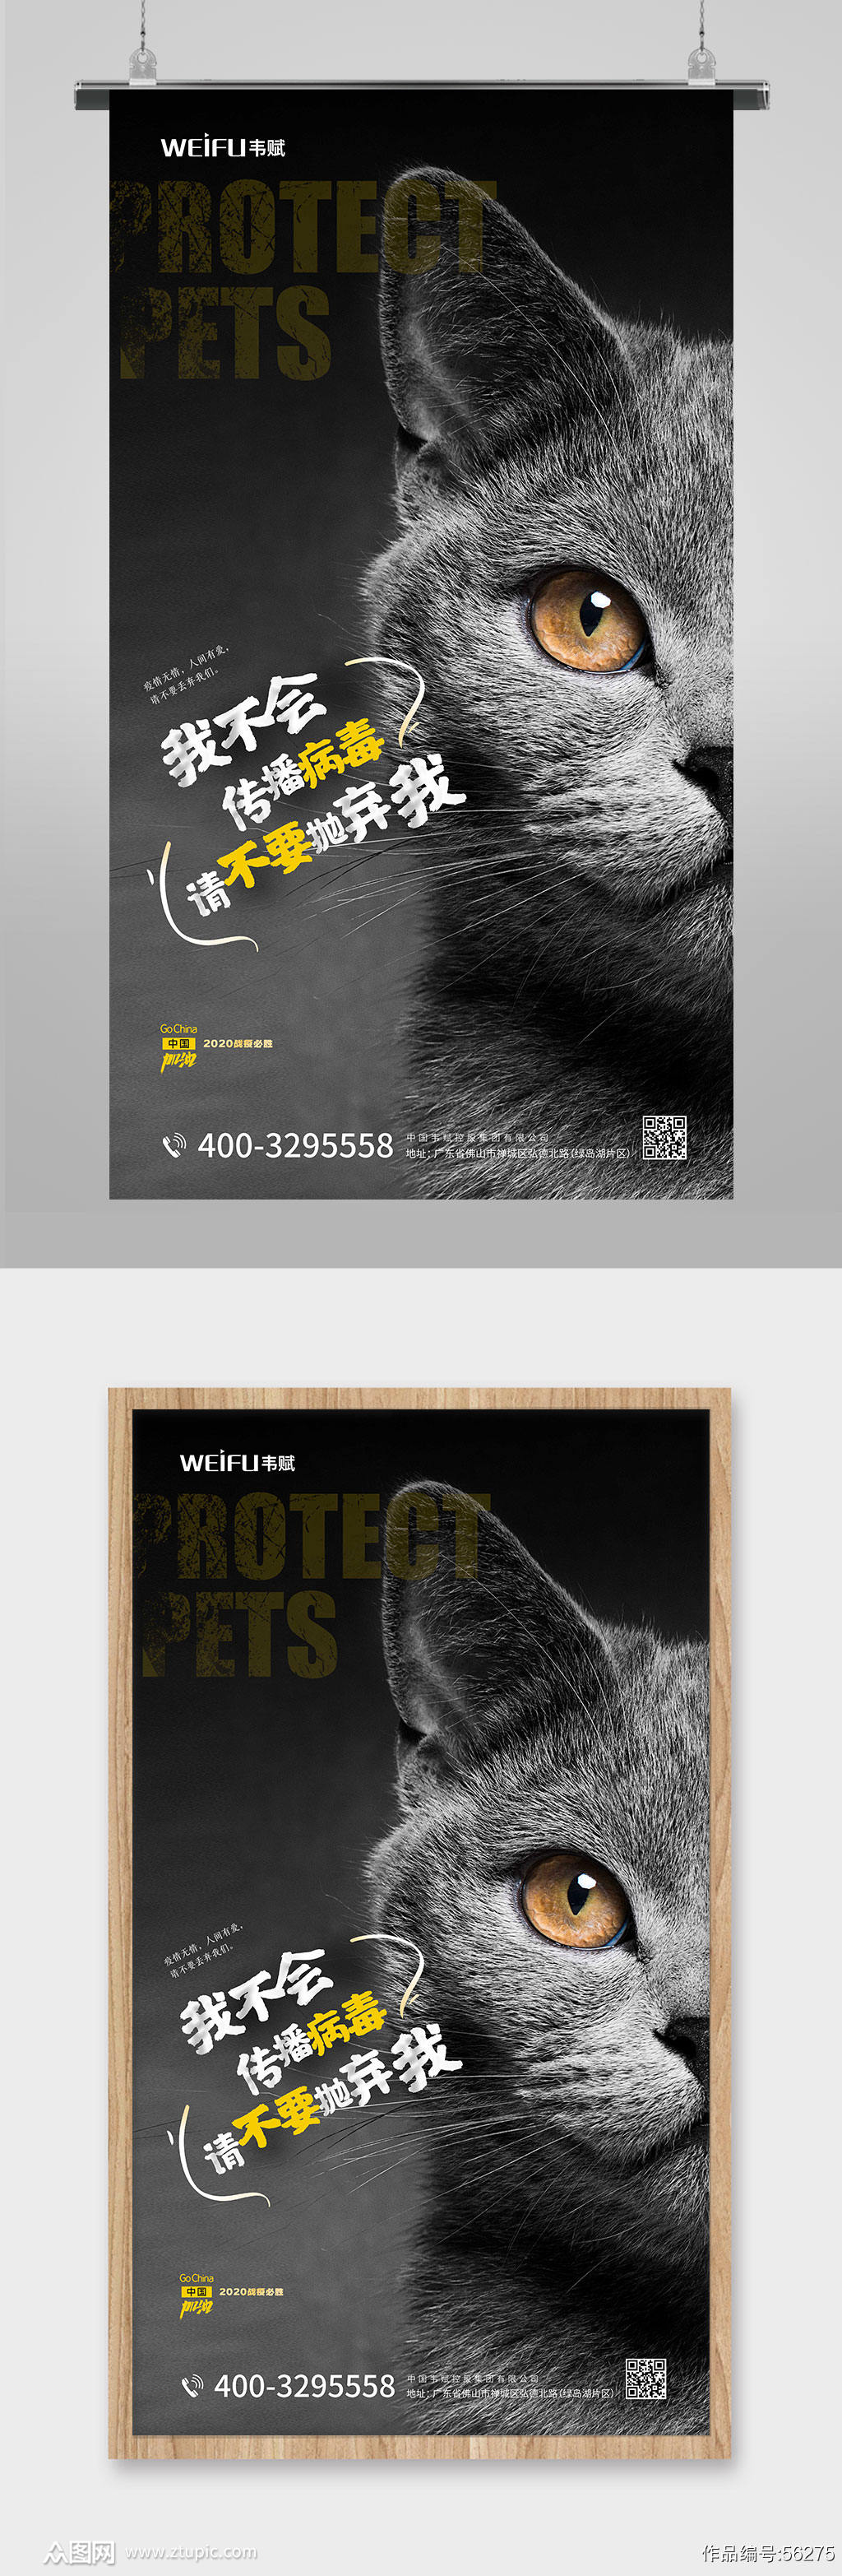 简约疫情不抛弃宠物保护动物抗疫海报素材